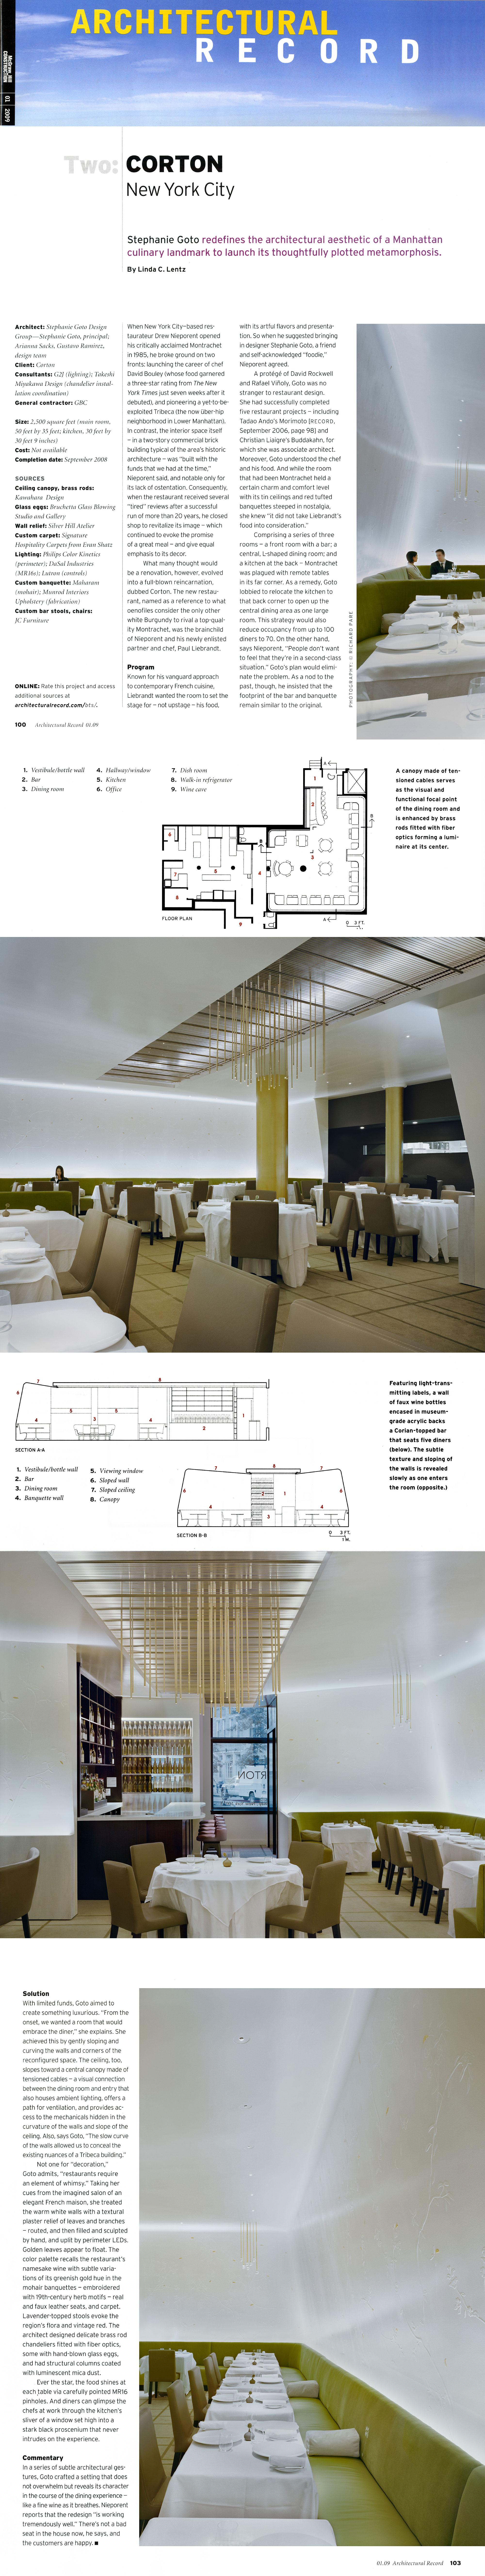 16-2009-01-CORTON-Architectural-Record.jpg